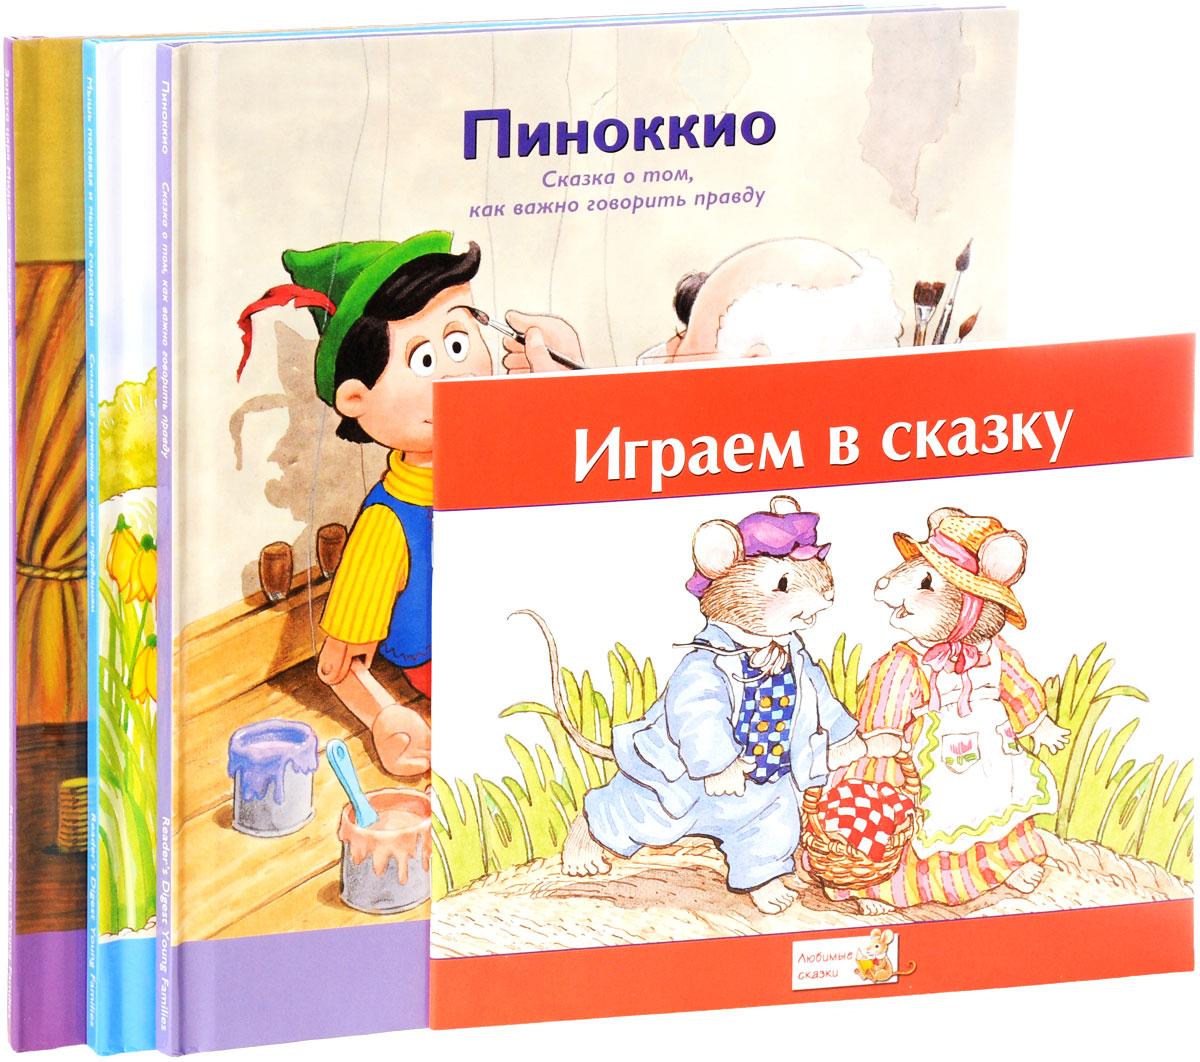 Пиноккио. Мышь полевая и мышь городская. Золото царя Мидаса. Играем в сказку (комплект из 4 книг + наклейки)